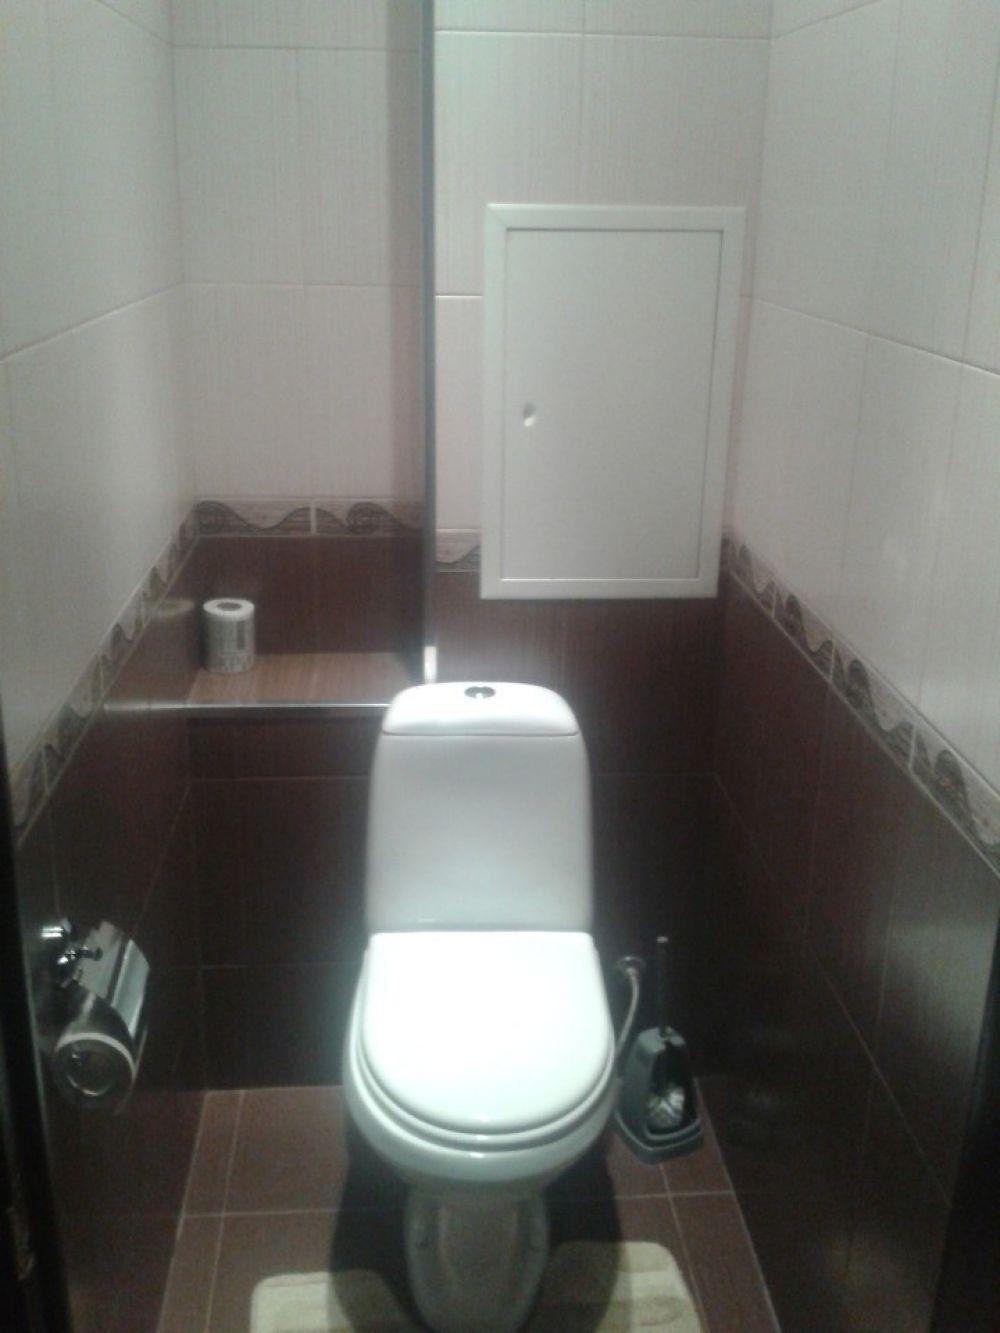 Продается 2-к квартира Фрязино Барские пруды 1, фото 11